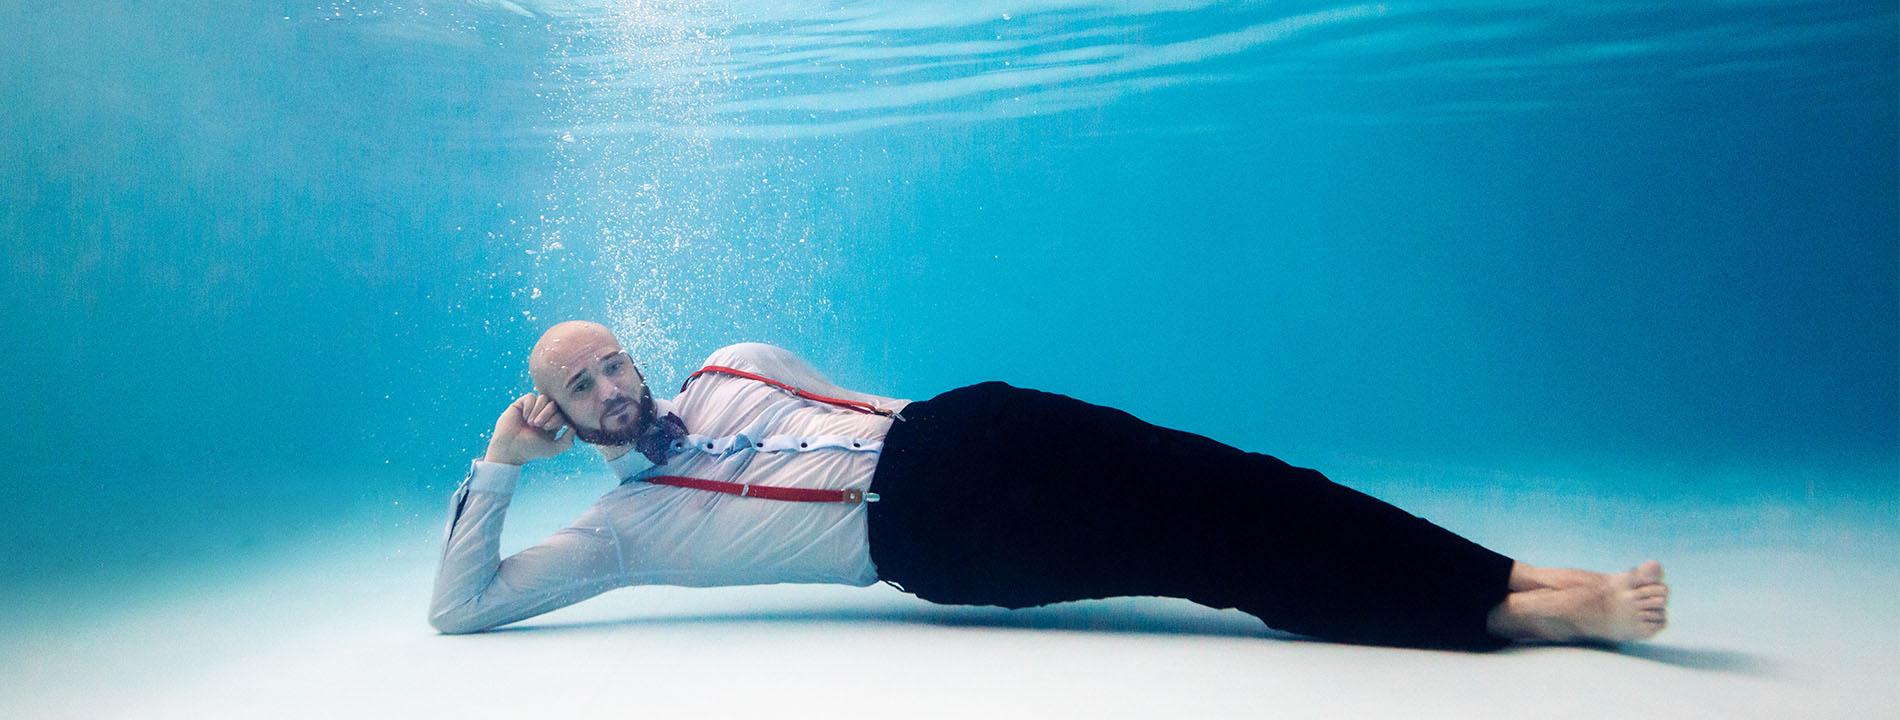 photo de catégorie Photographe aquatique de Ludovic Souillat